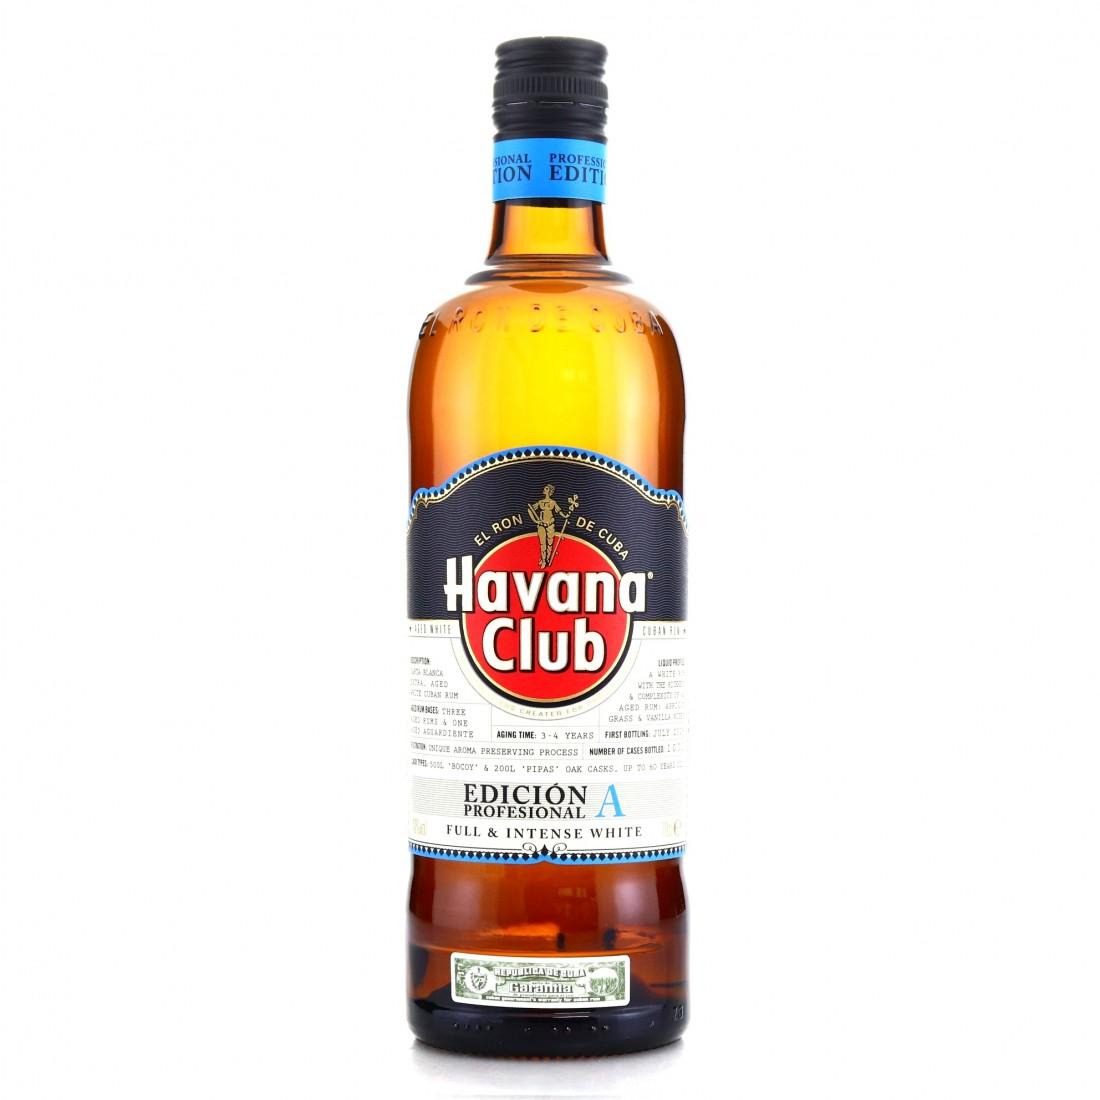 Havana Club Edición Profesional A